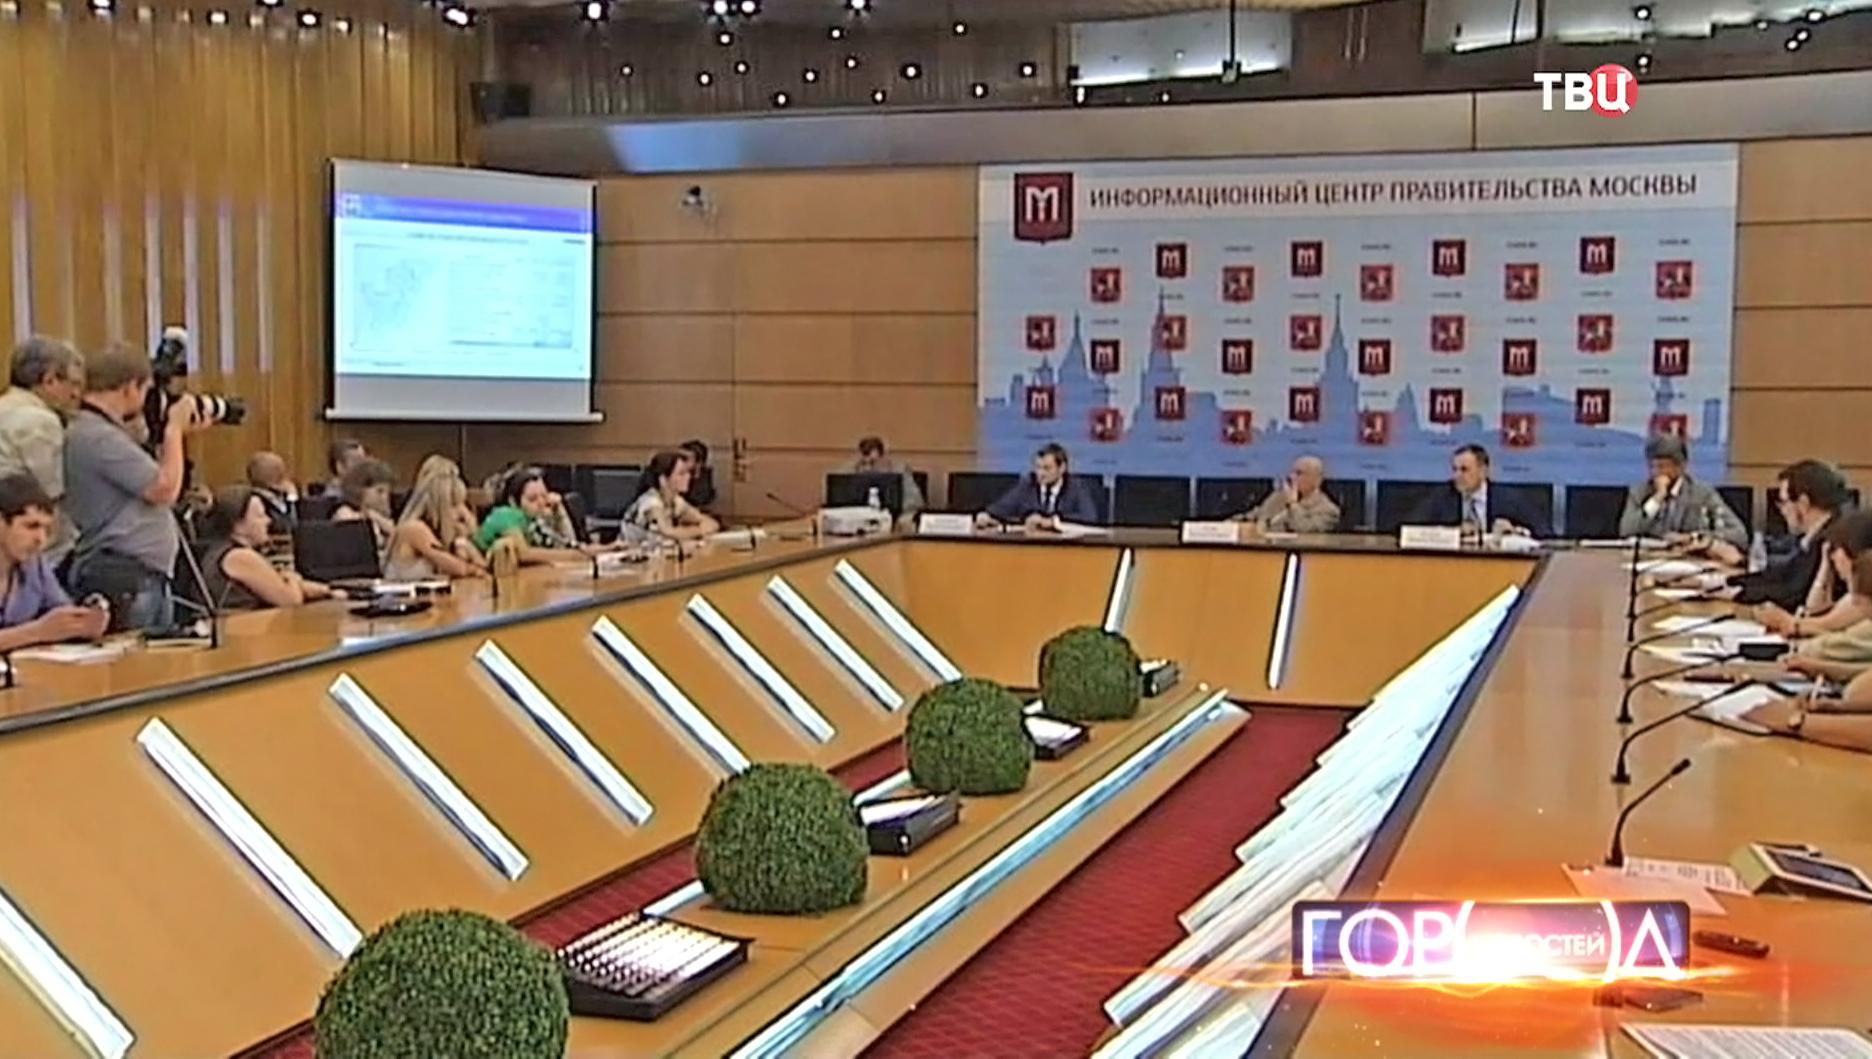 Пресс-конференция в правительстве Москвы